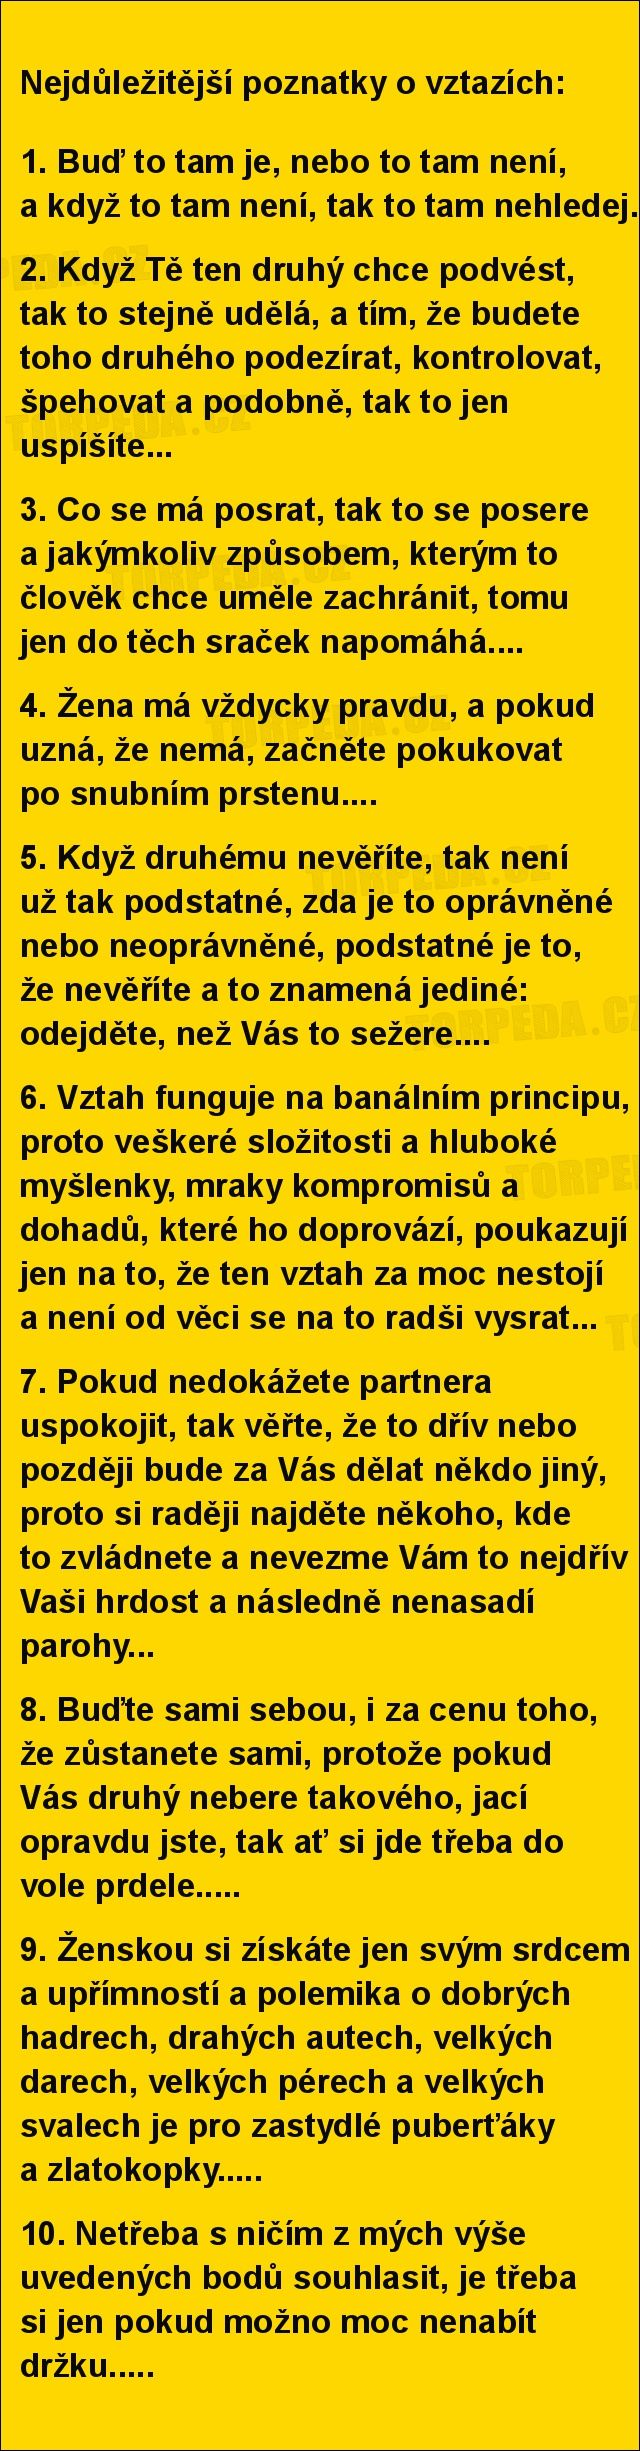 Nejdůležitější poznatky o vztazích... | torpeda.cz - vtipné obrázky, vtipy a videa